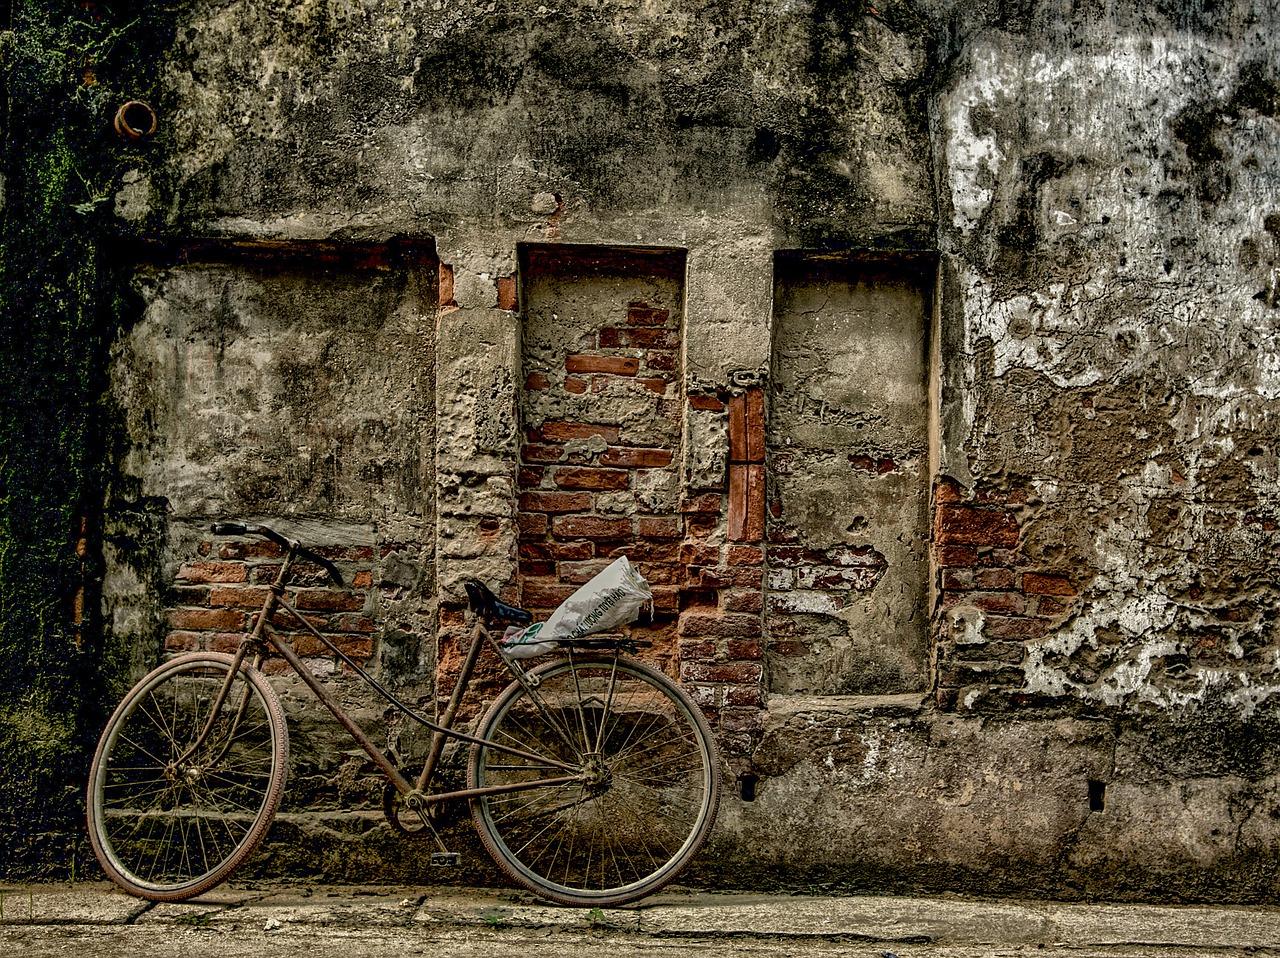 Lịch sử Hà Nội - thủ đô ngàn năm văn hiến ghi dấu bao biến cố thăng trầm   - Ảnh 6.